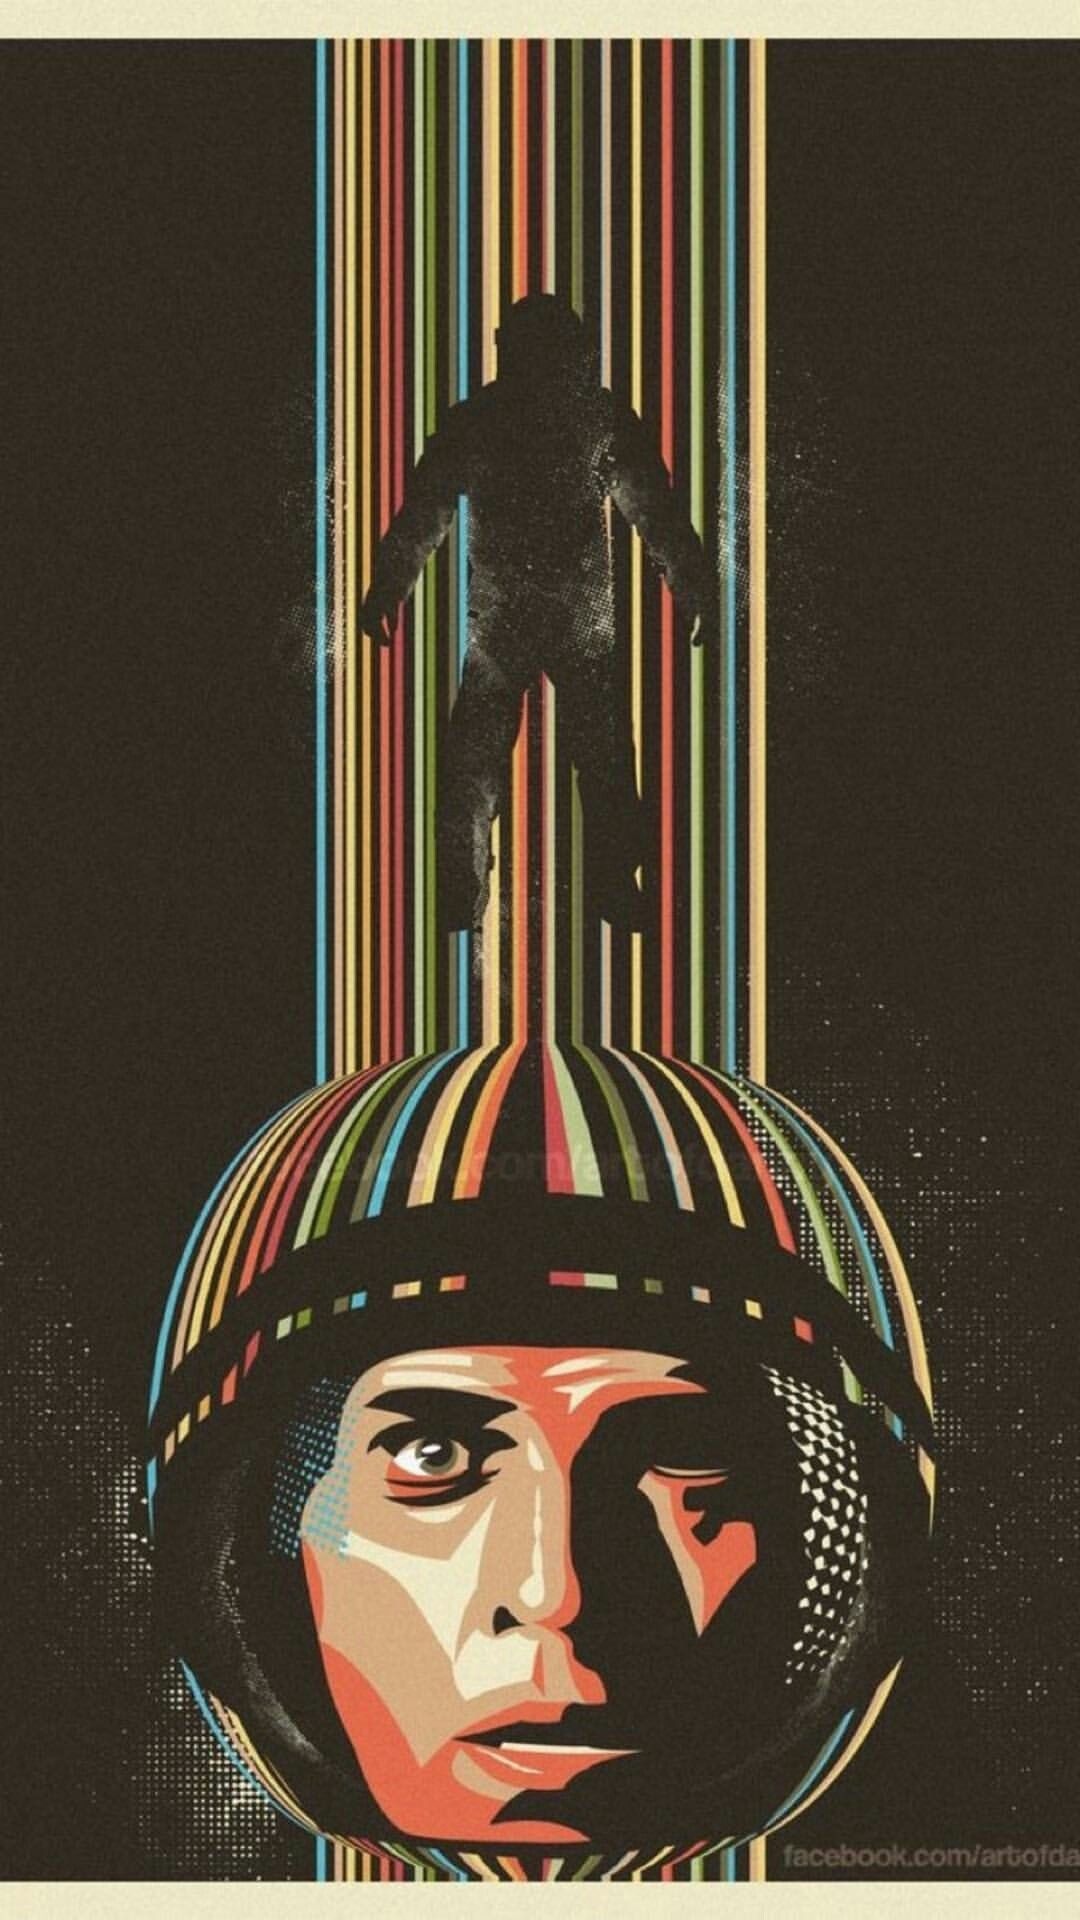 retro astronaut posters - 736×920